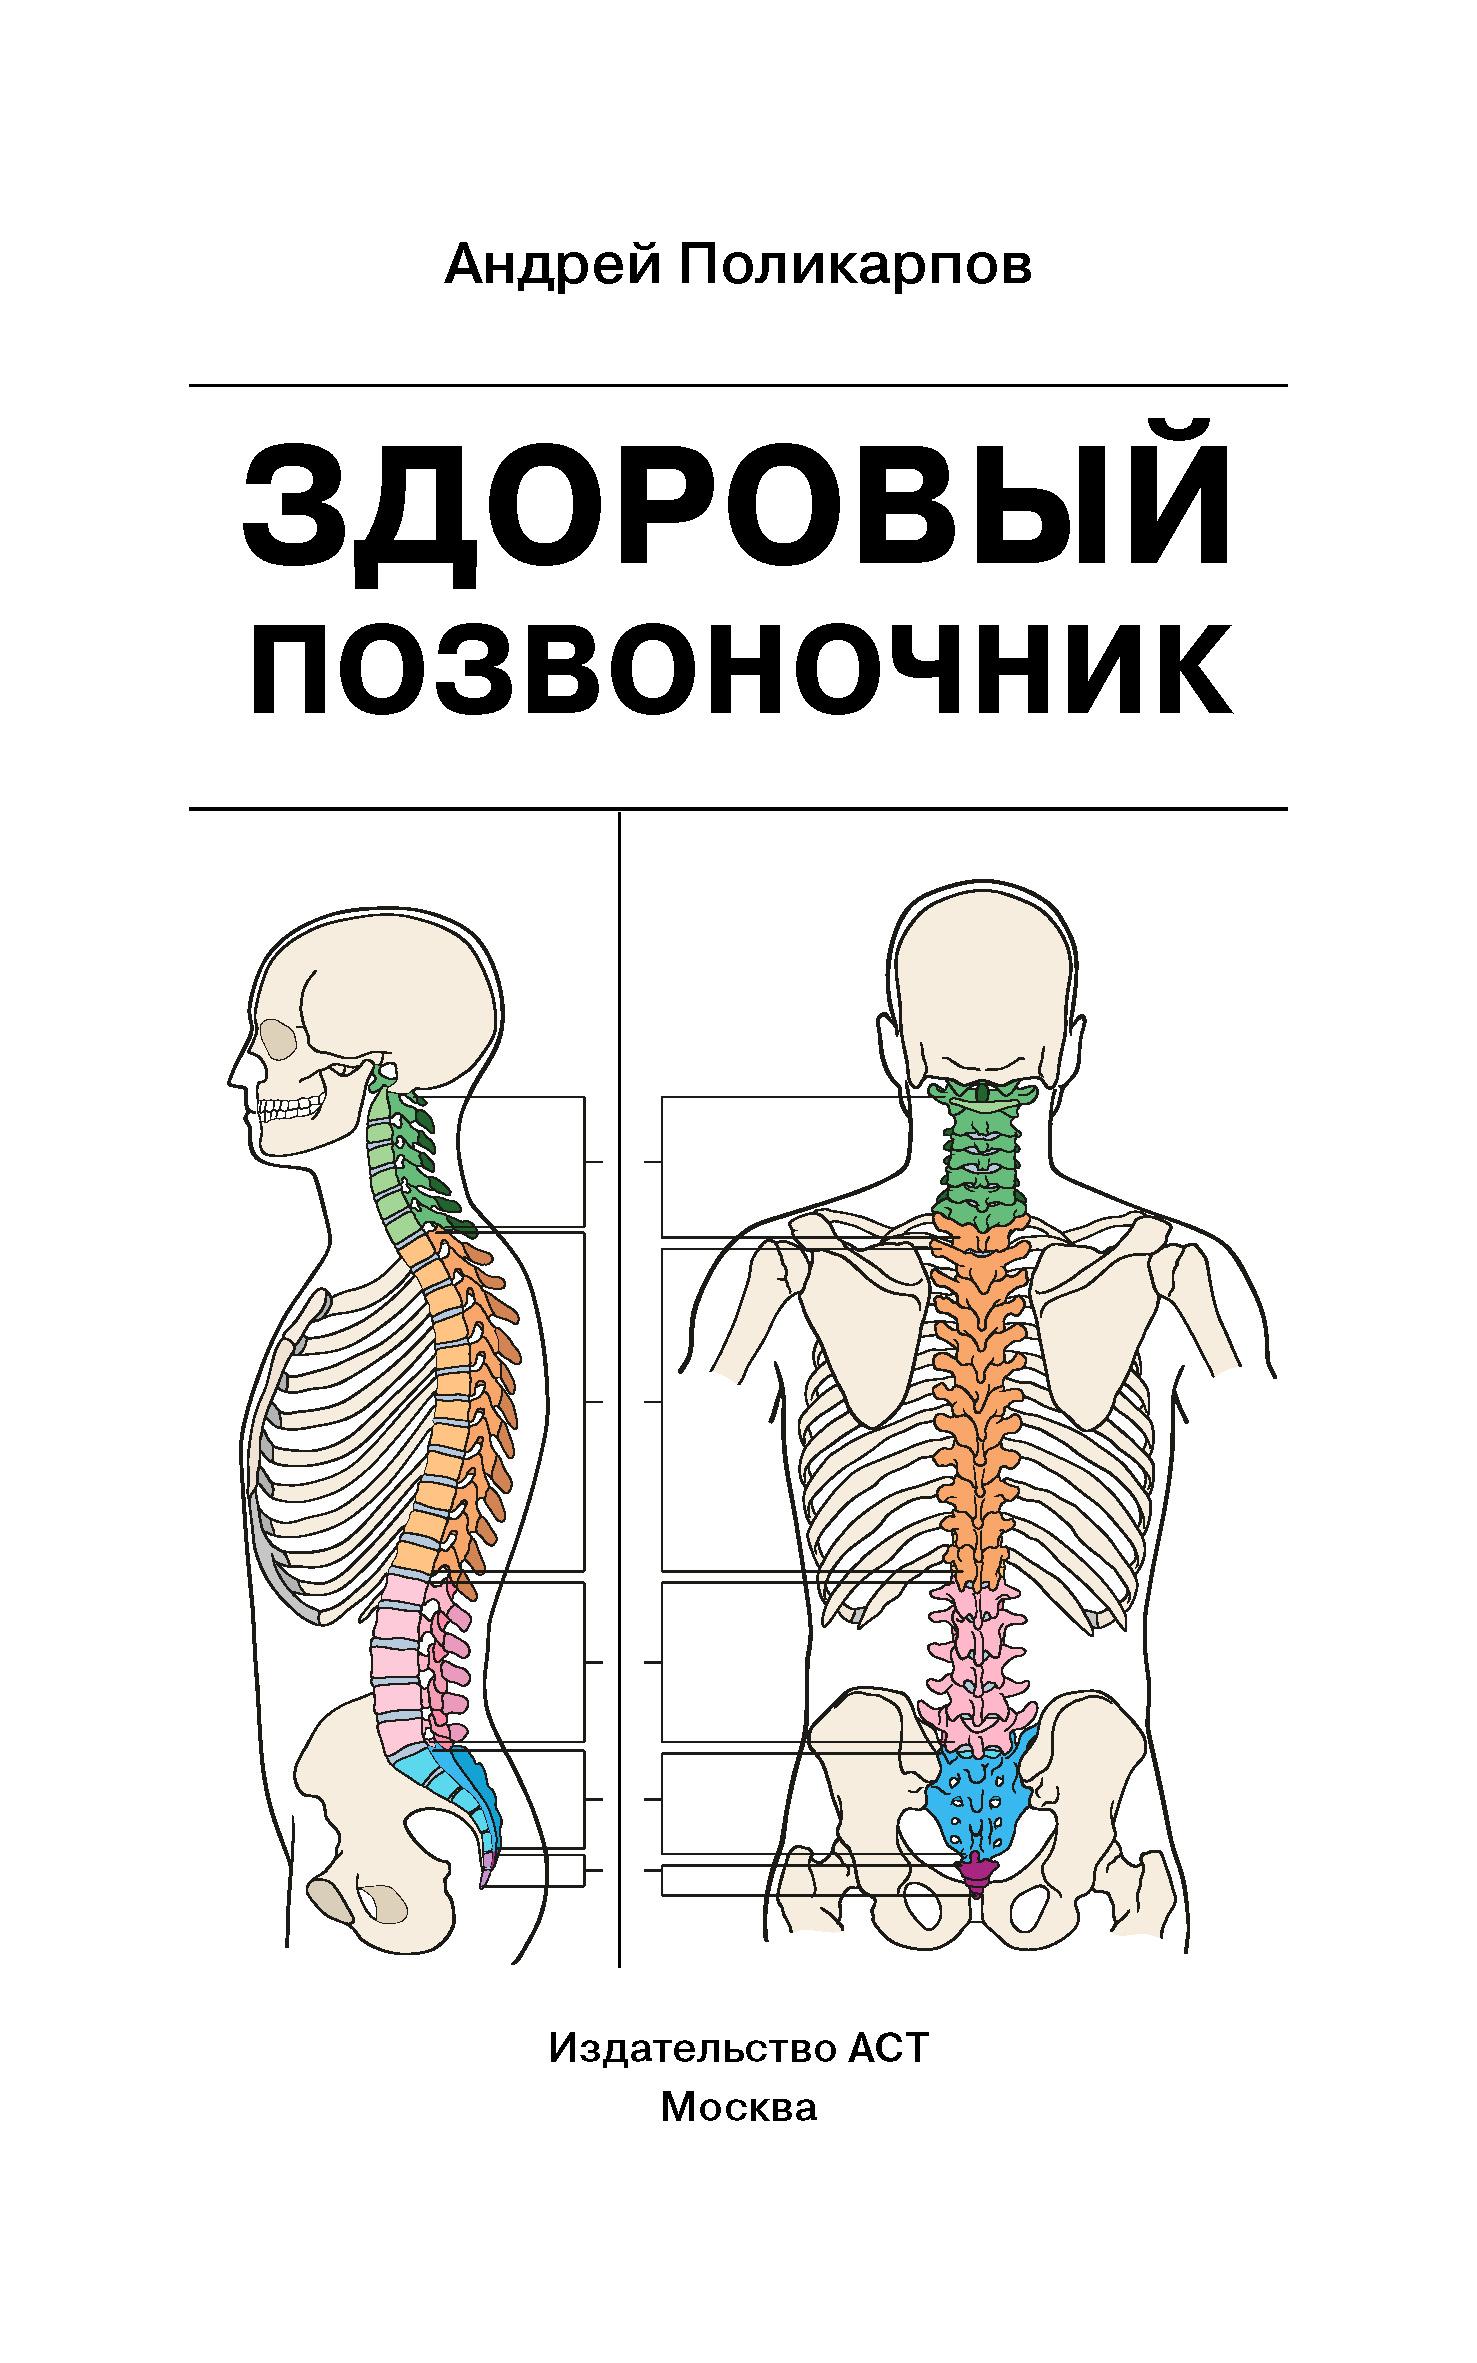 Фото - Андрей Поликарпов Здоровый позвоночник риппл с здоровый позвоночник как самостоятельно освободиться от болей в спине